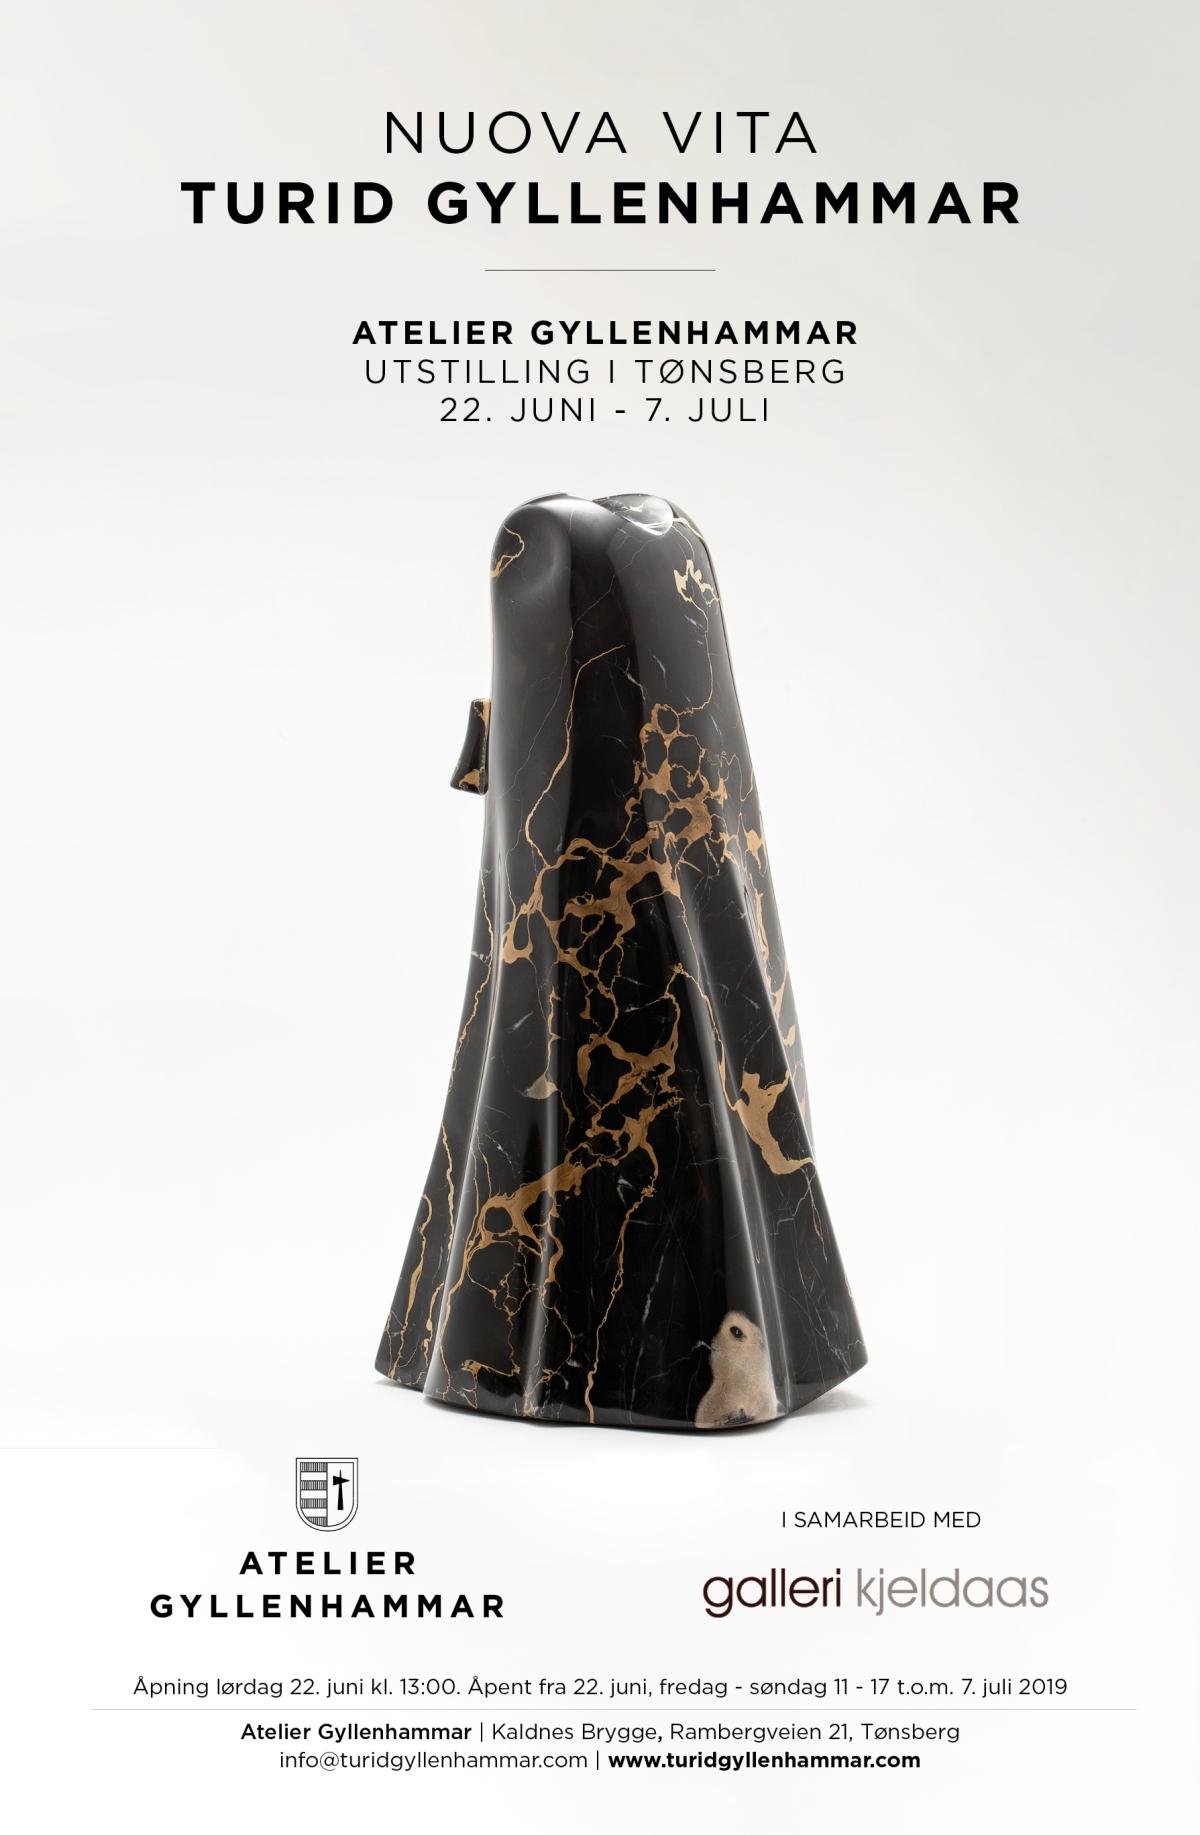 MAILinvit_AtelierGyl_skulptur_tbg_2019_2